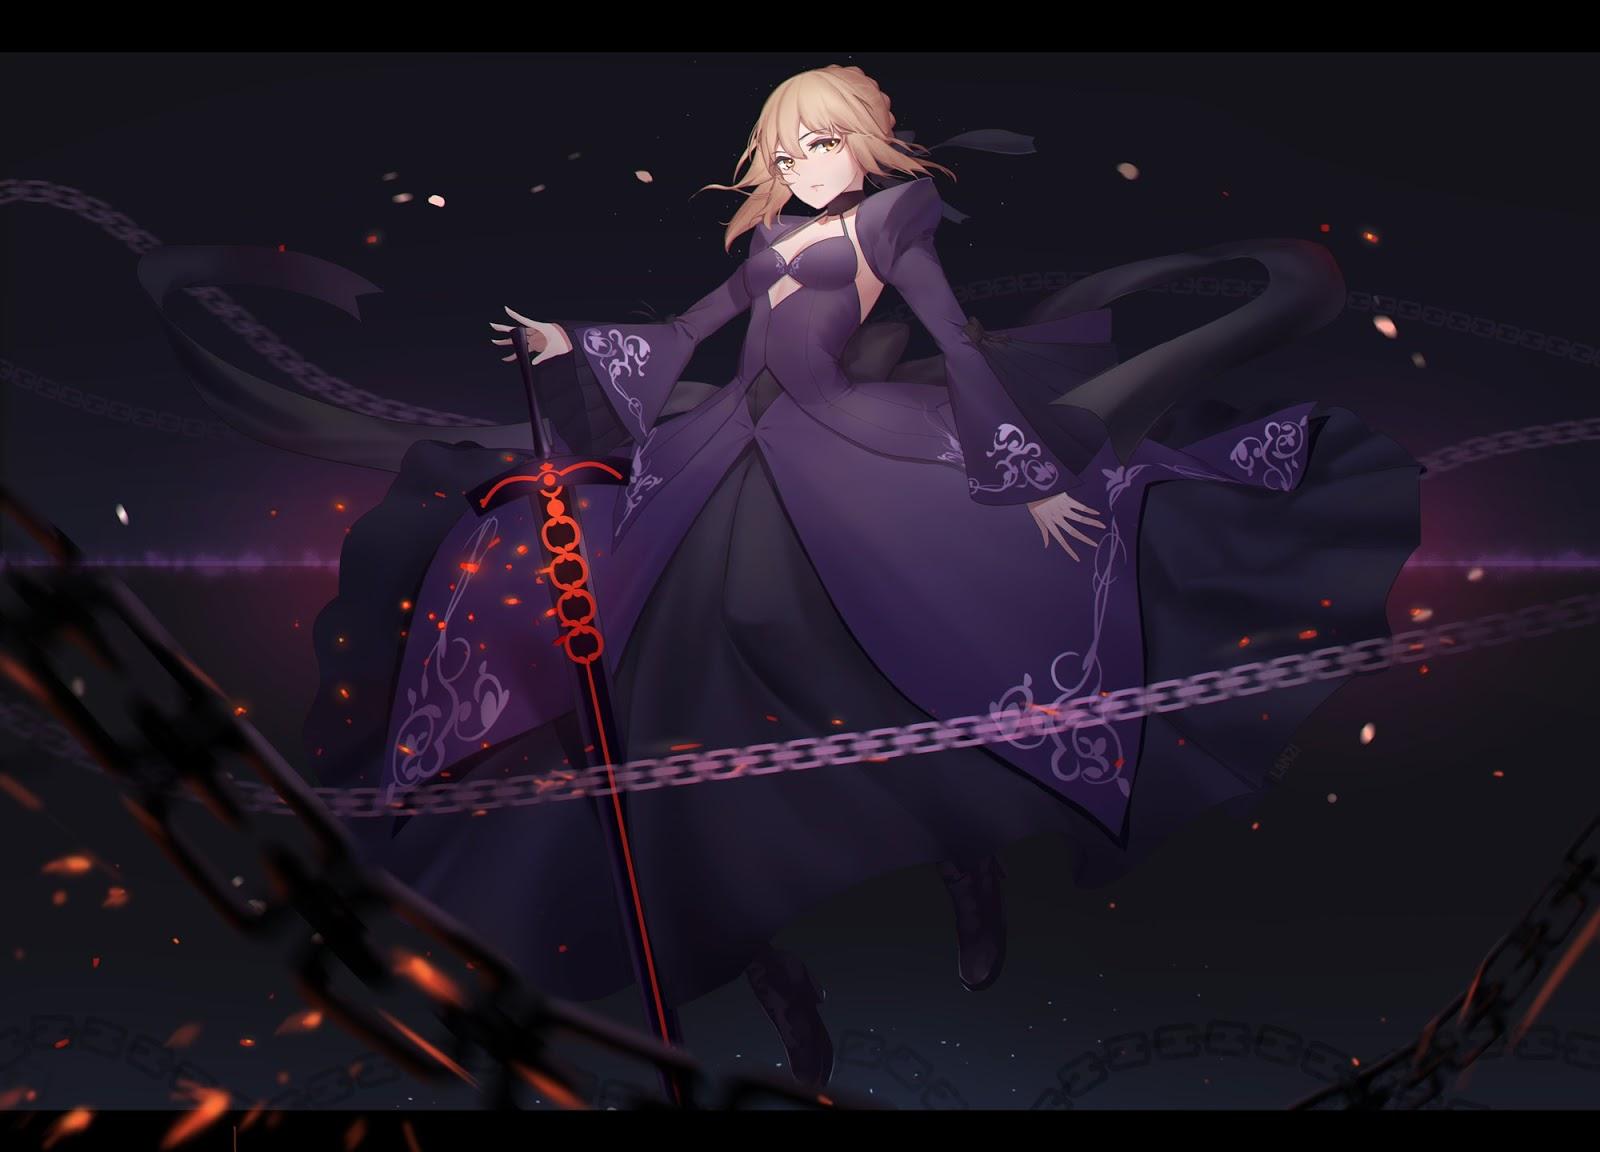 Fate AowVN%2B%252828%2529 - [ Hình Nền ] Anime Fate/GrandOrder tuyệt đẹp Full HD | Wallpaper